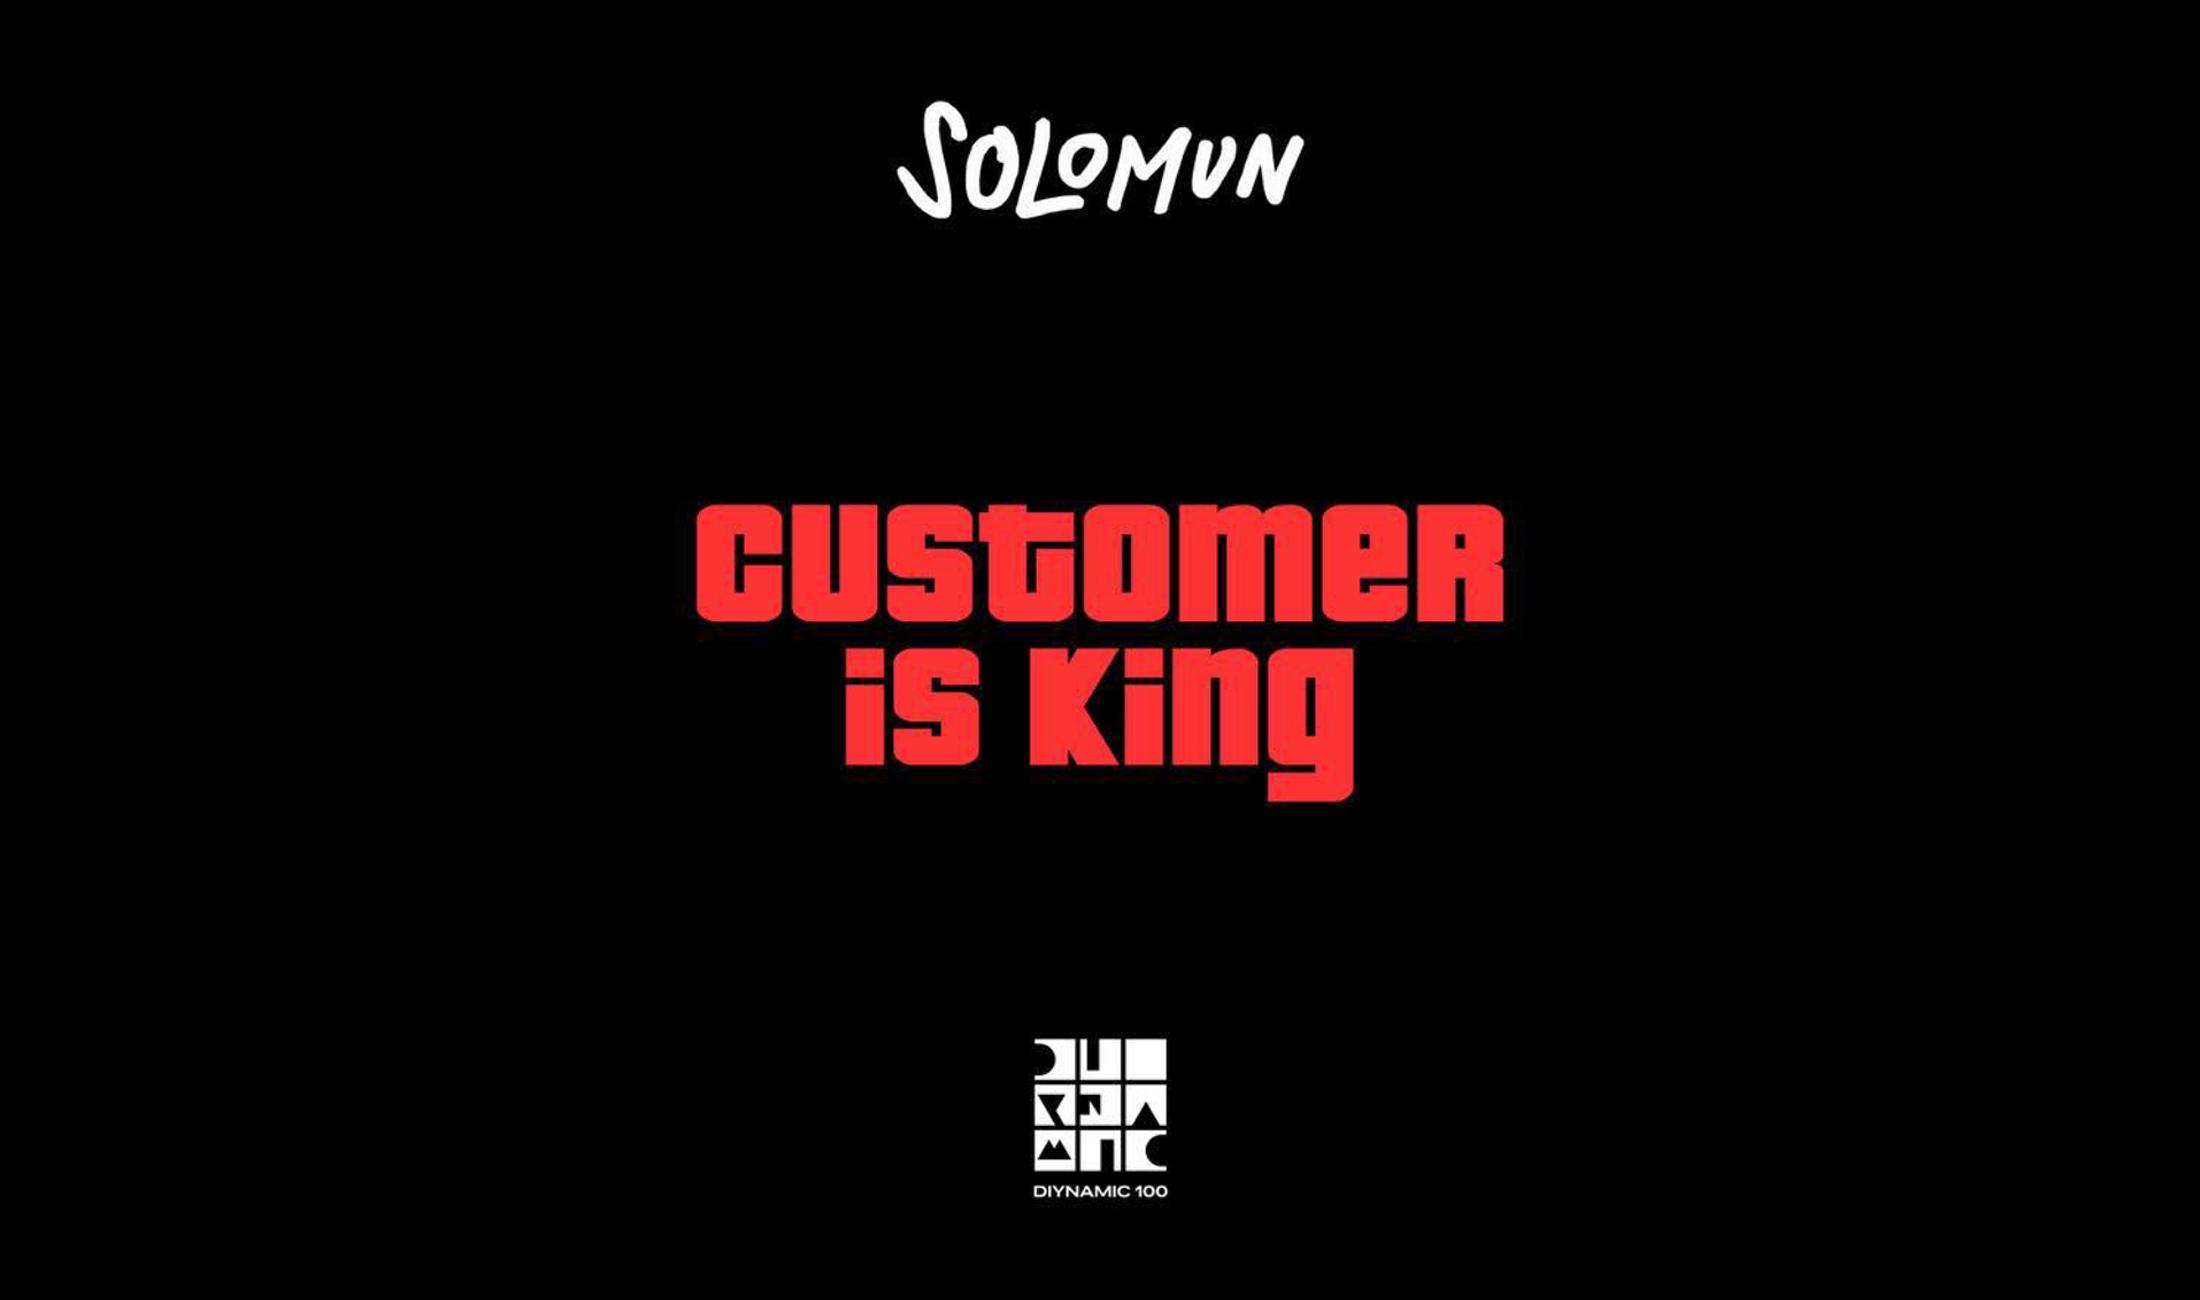 Angekündigt: Diynamics 100. Release von Solomun